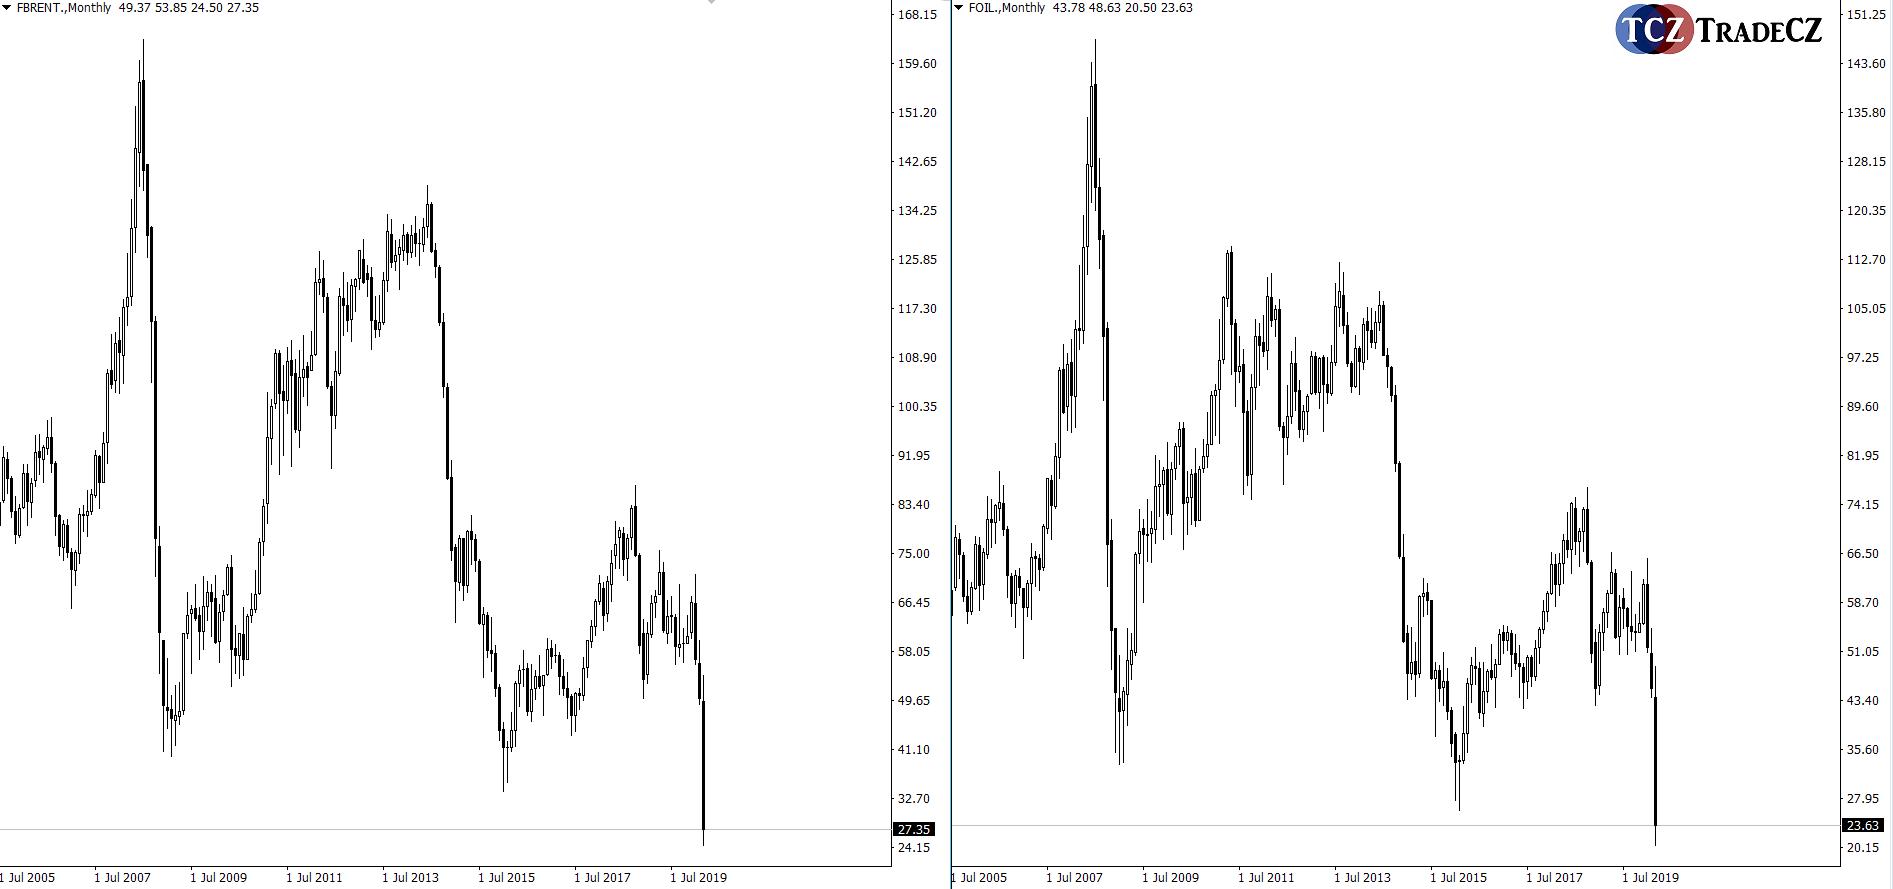 Srovnání ropa WTI a Brent